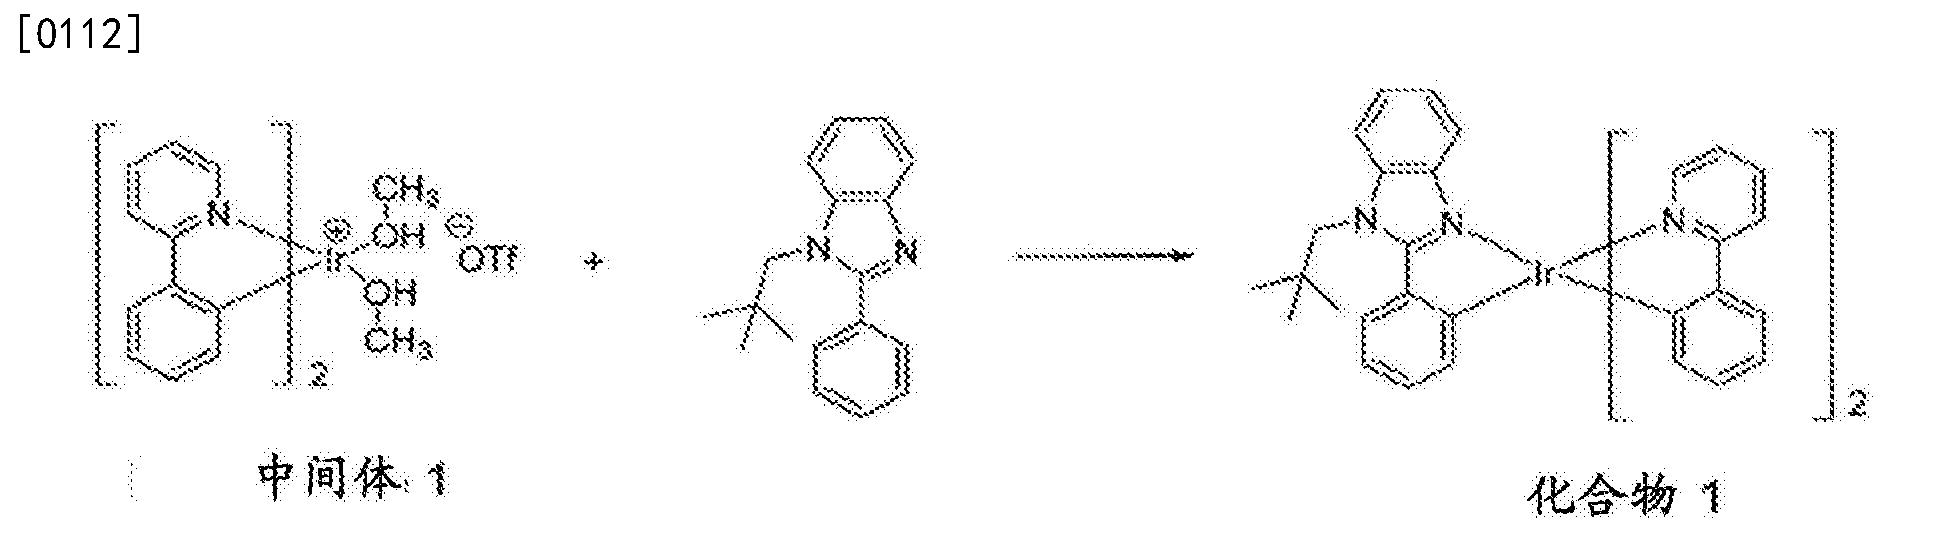 Figure CN103396455BD00472